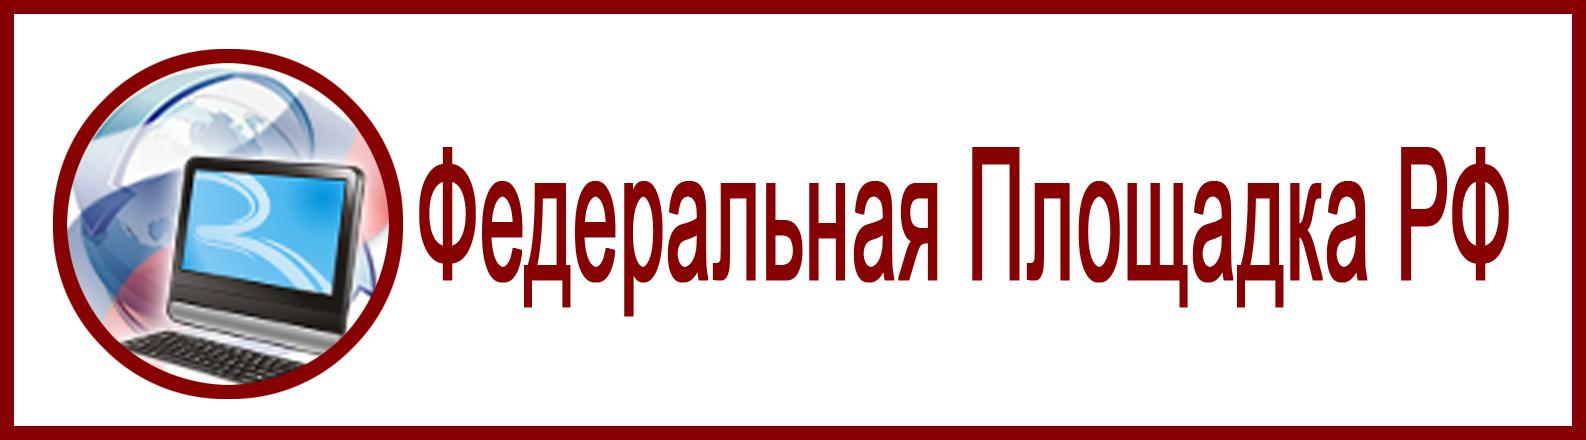 Федеральная Площадка РФ